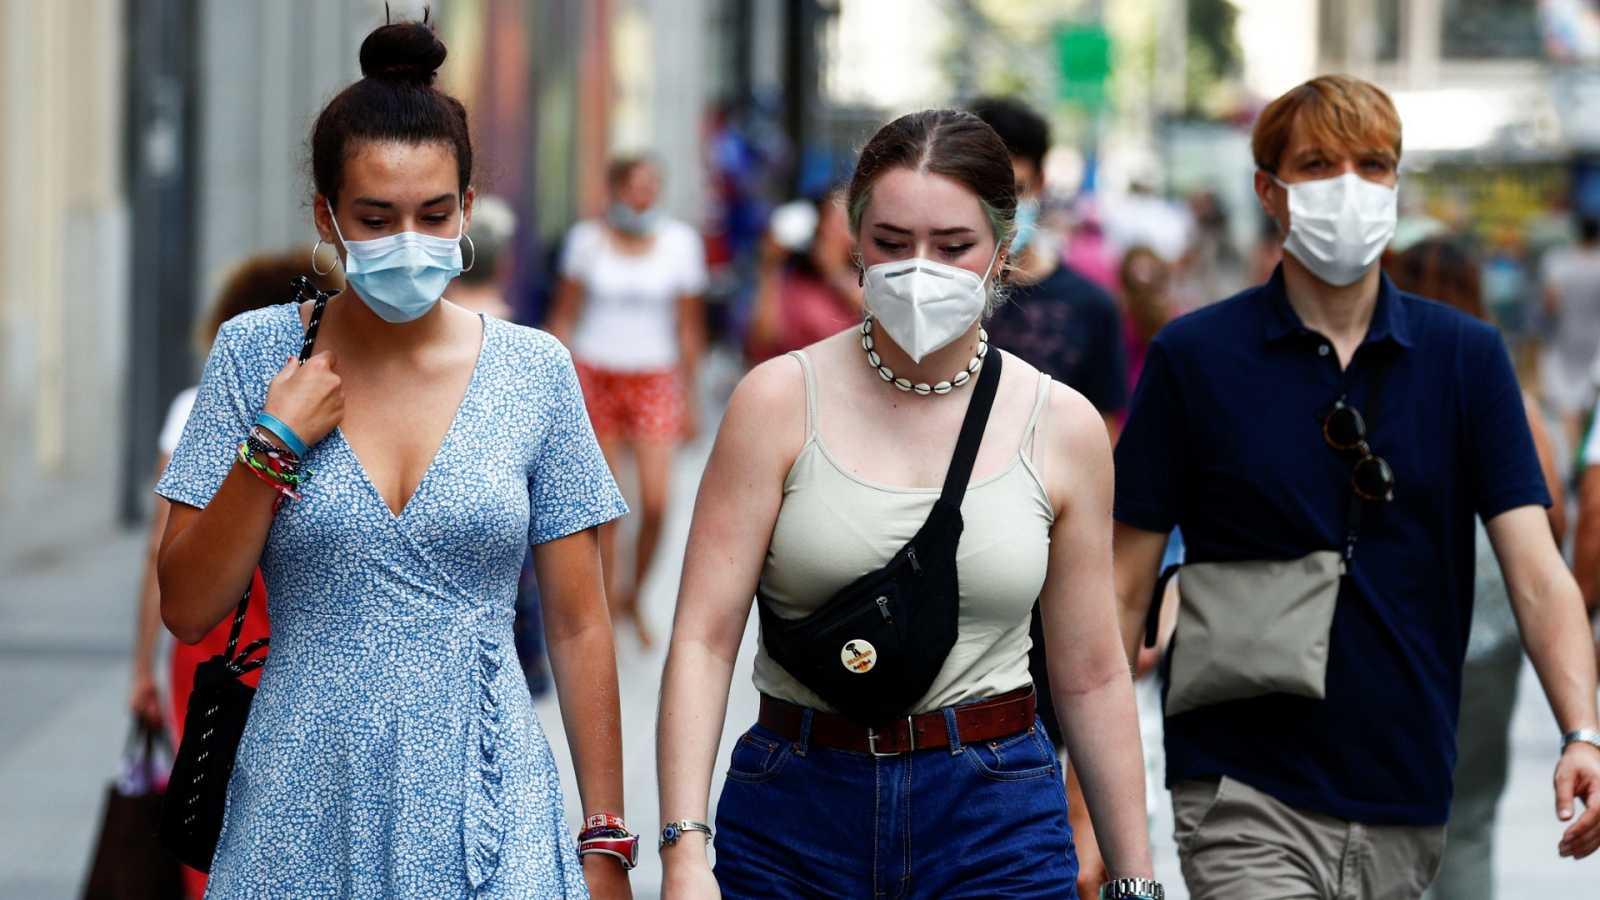 Habrá una segunda oleada de la pandemia? l RTVE.es